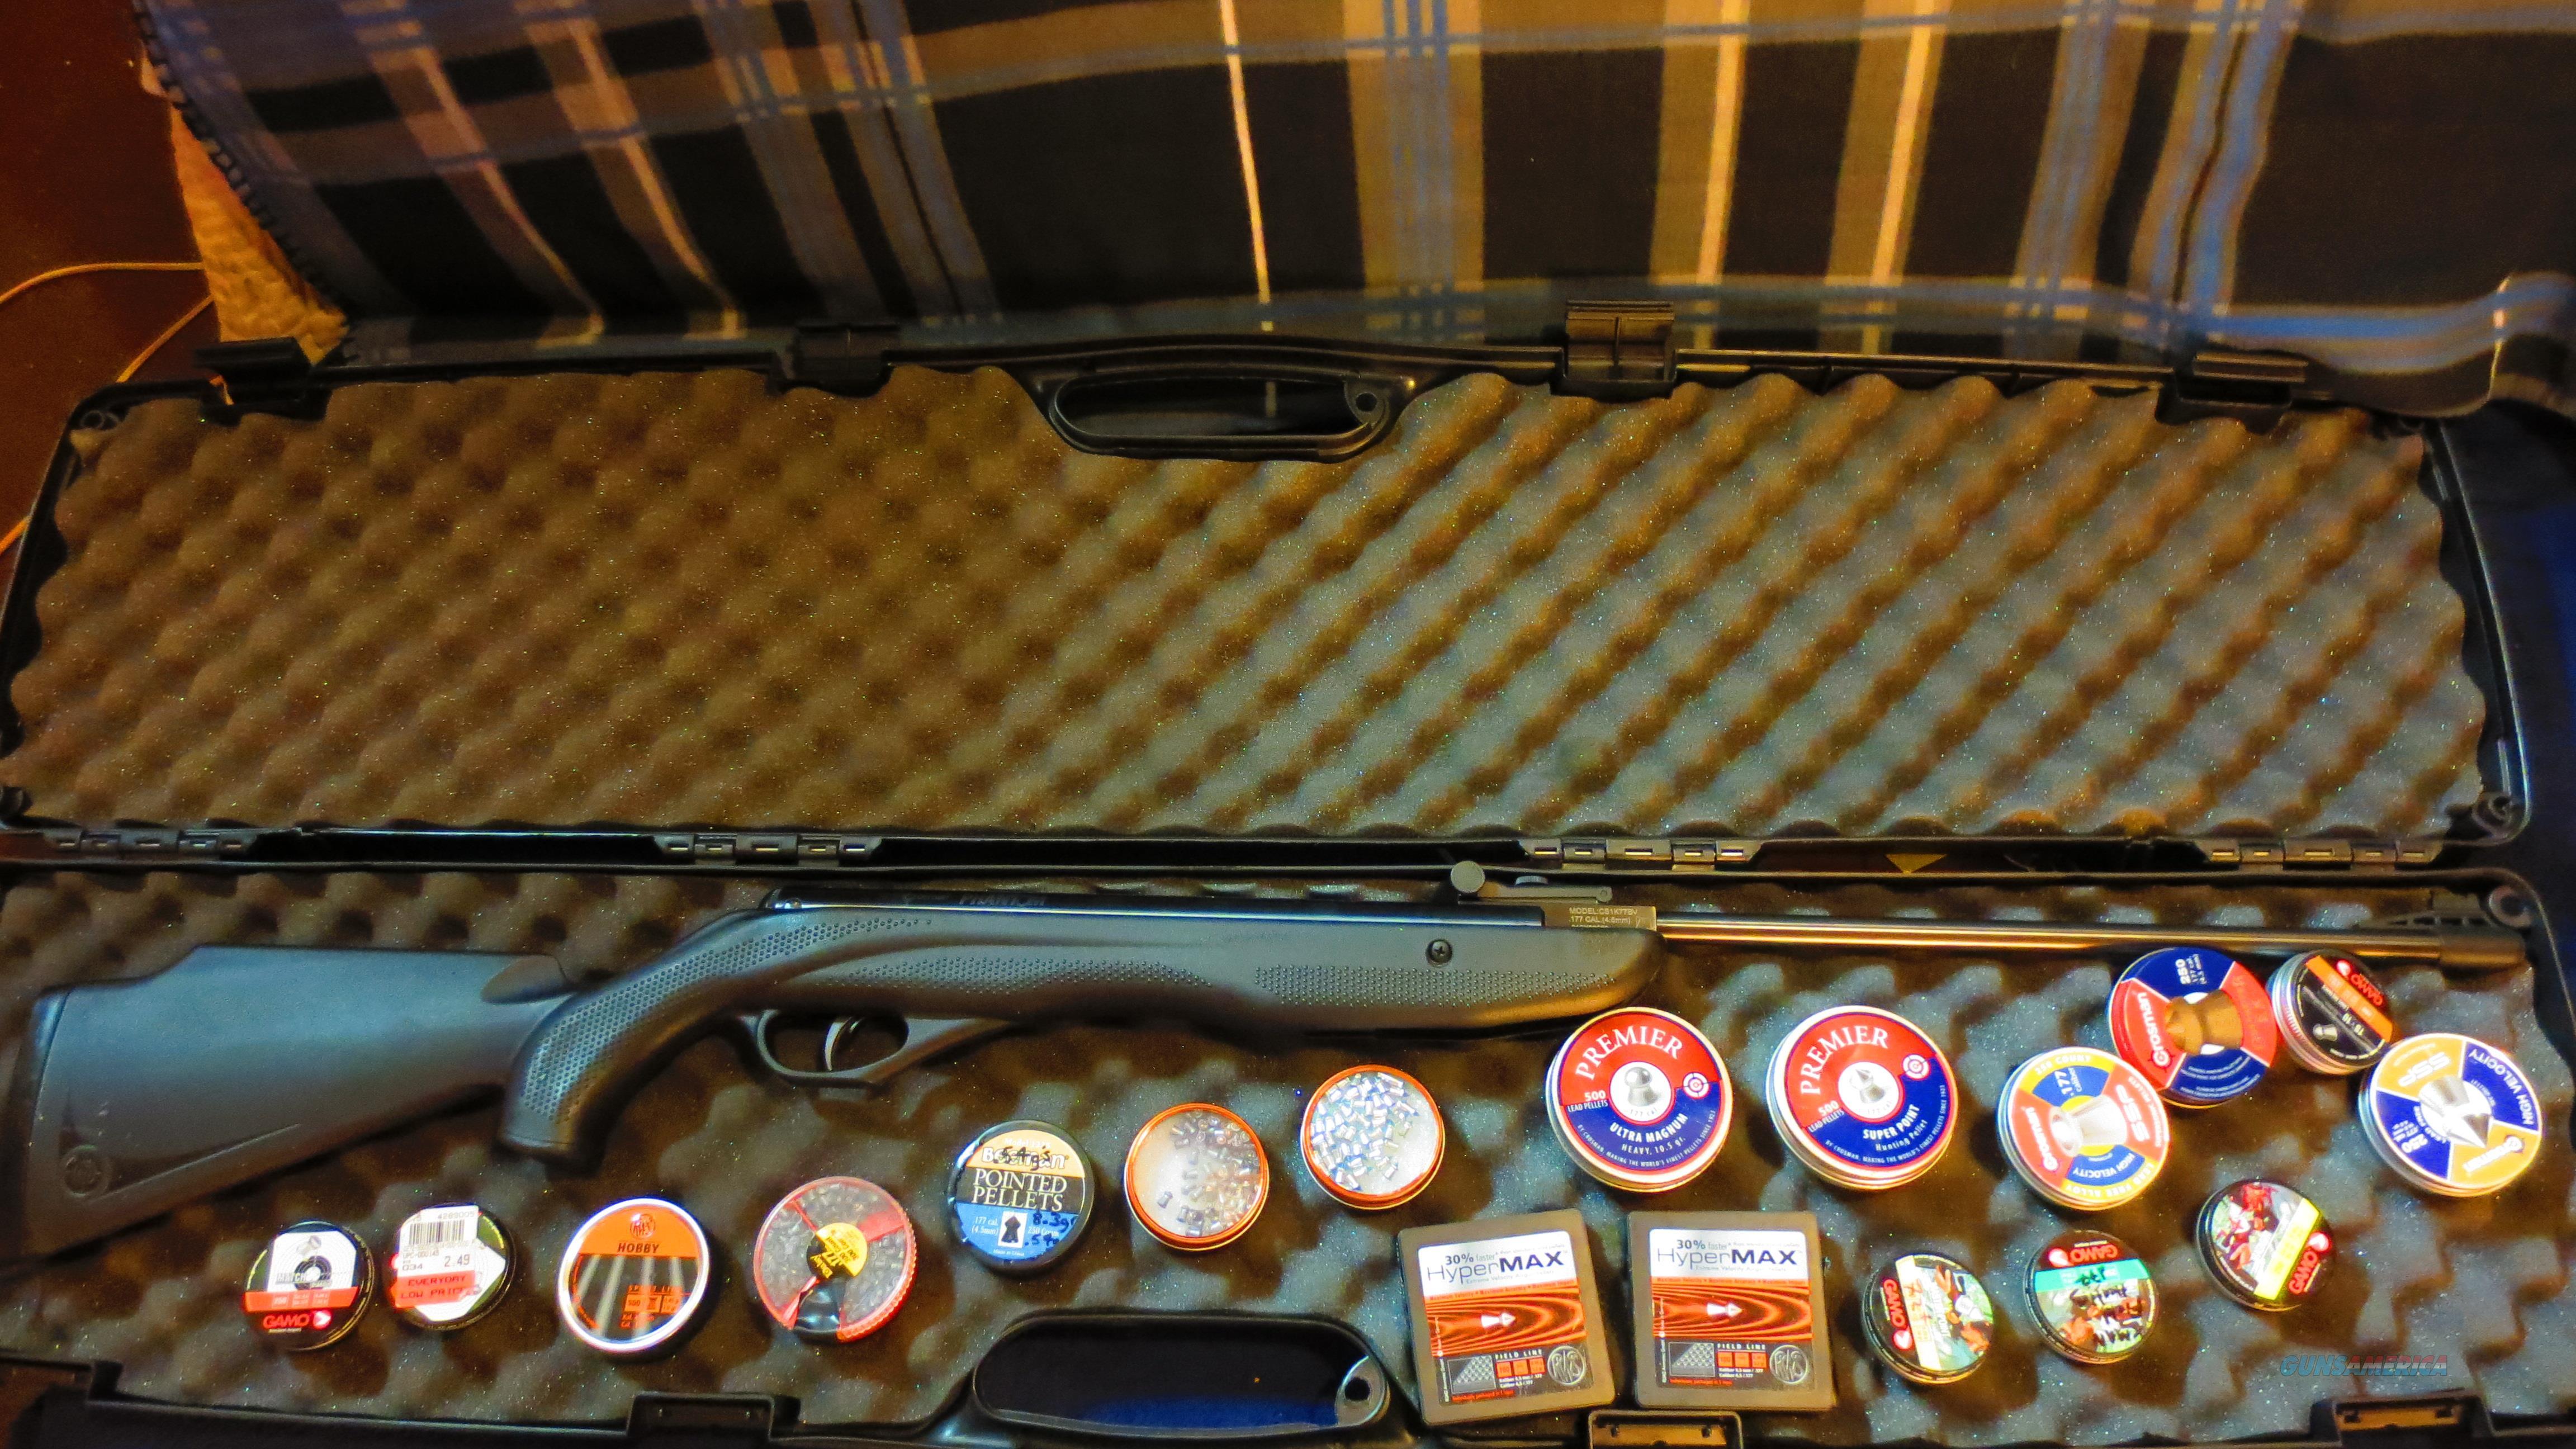 X10 Assorted Phantom Badges.